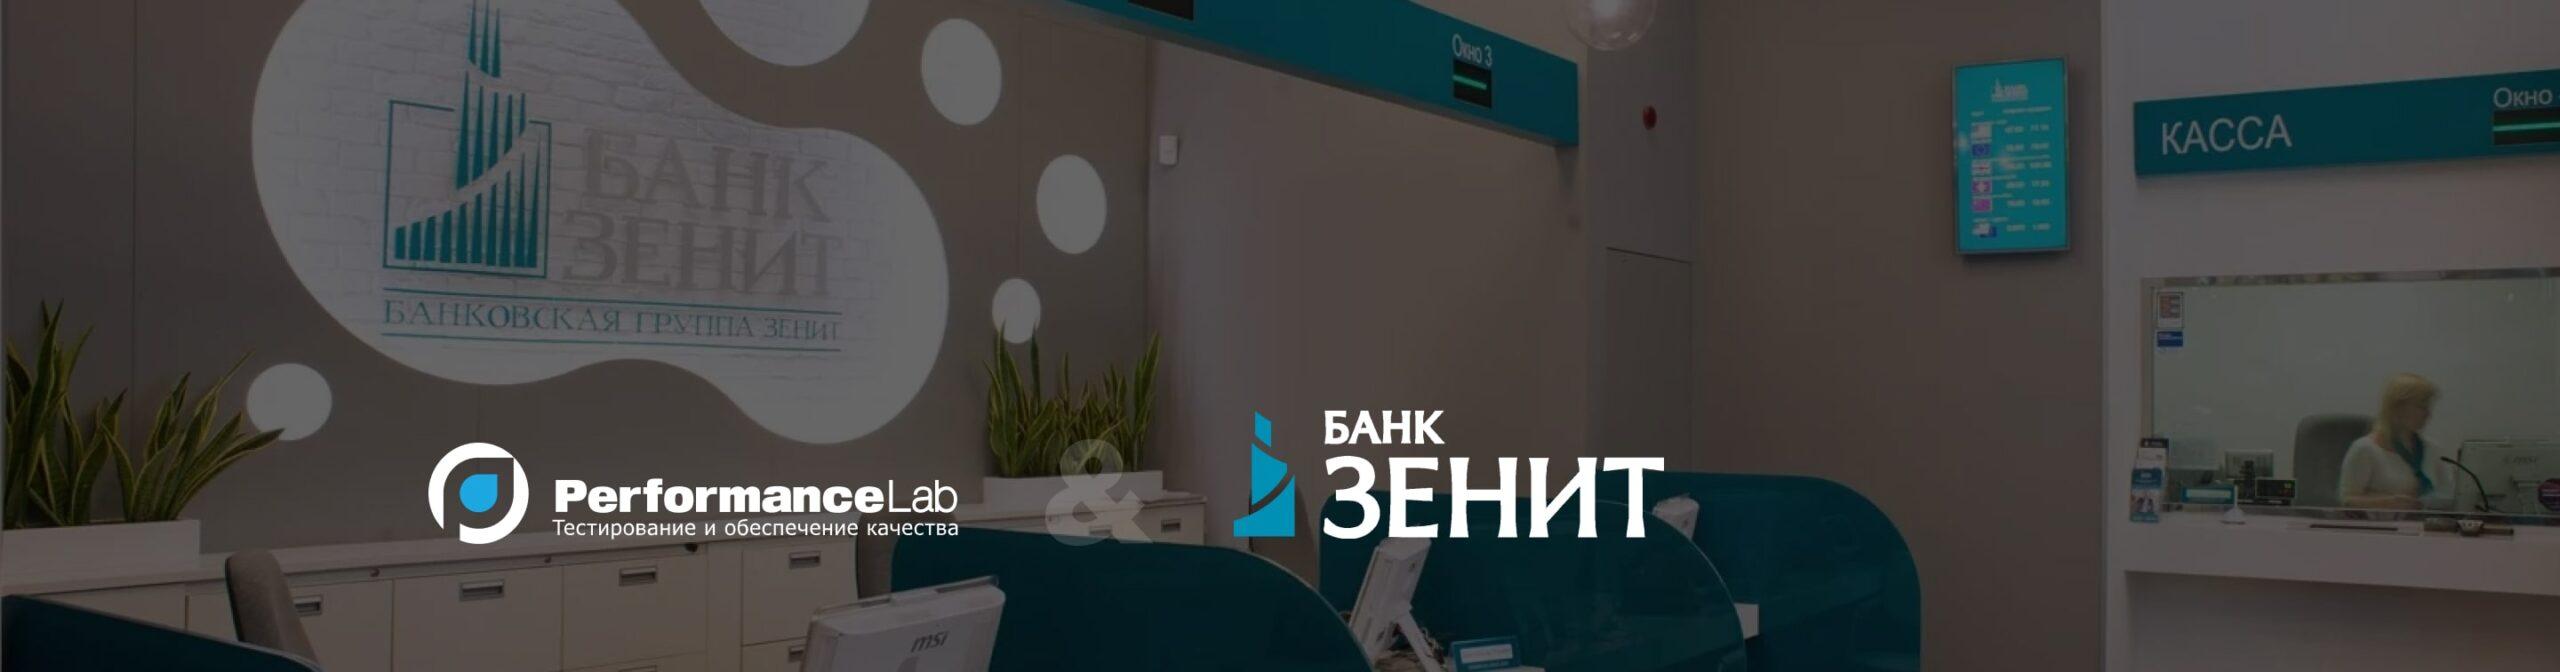 Интервью руководителя блока информационных технологий банка Зенит Ильи Кучугина Перфоманс Лаб